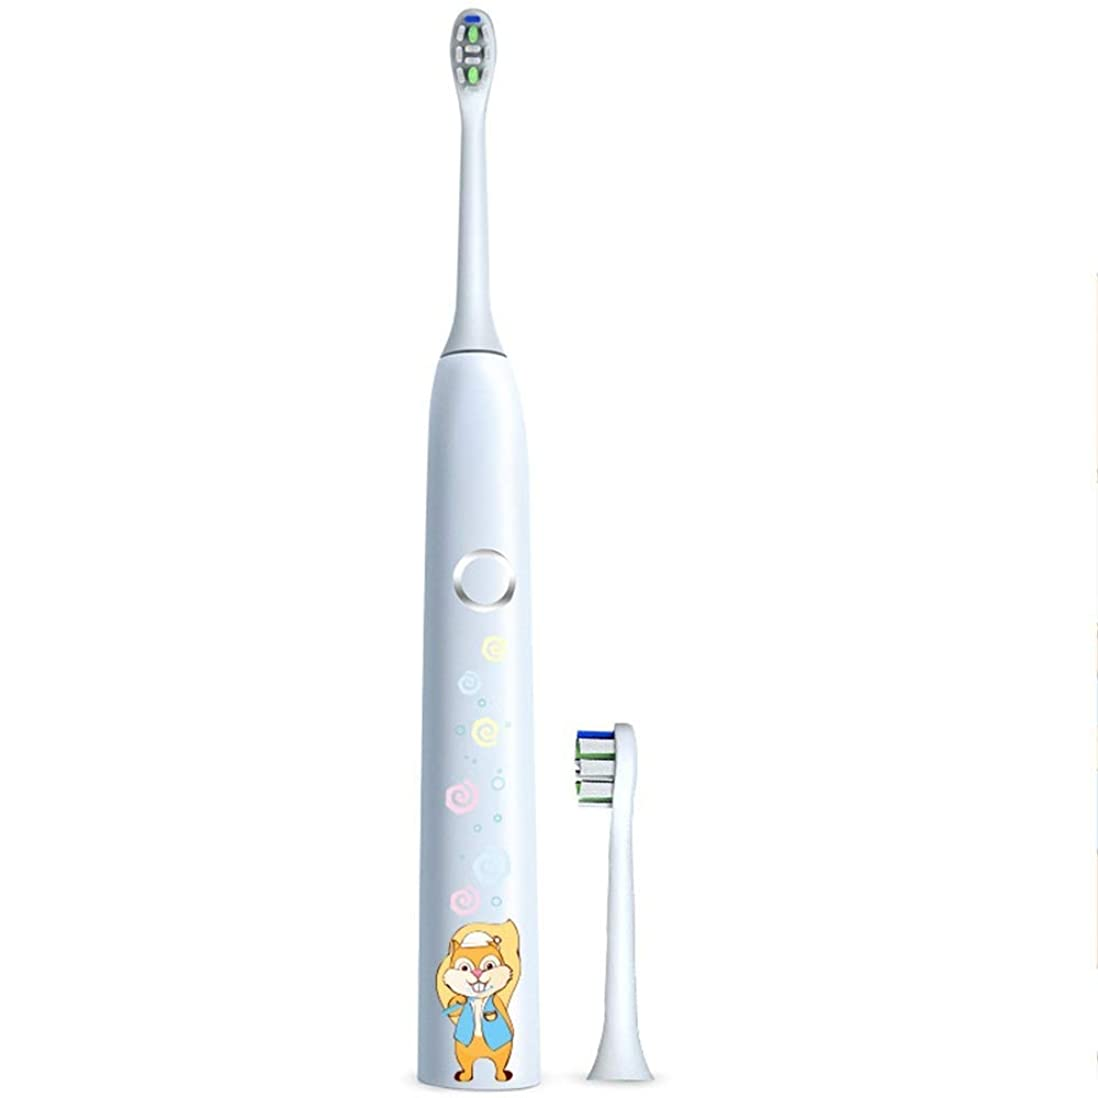 電動歯ブラシ 子供の電動歯ブラシ保護クリーンUSB充電式ソフトヘア歯ブラシ歯医者推奨 ケアー プロテクトクリーン (色 : 白, サイズ : Free size)